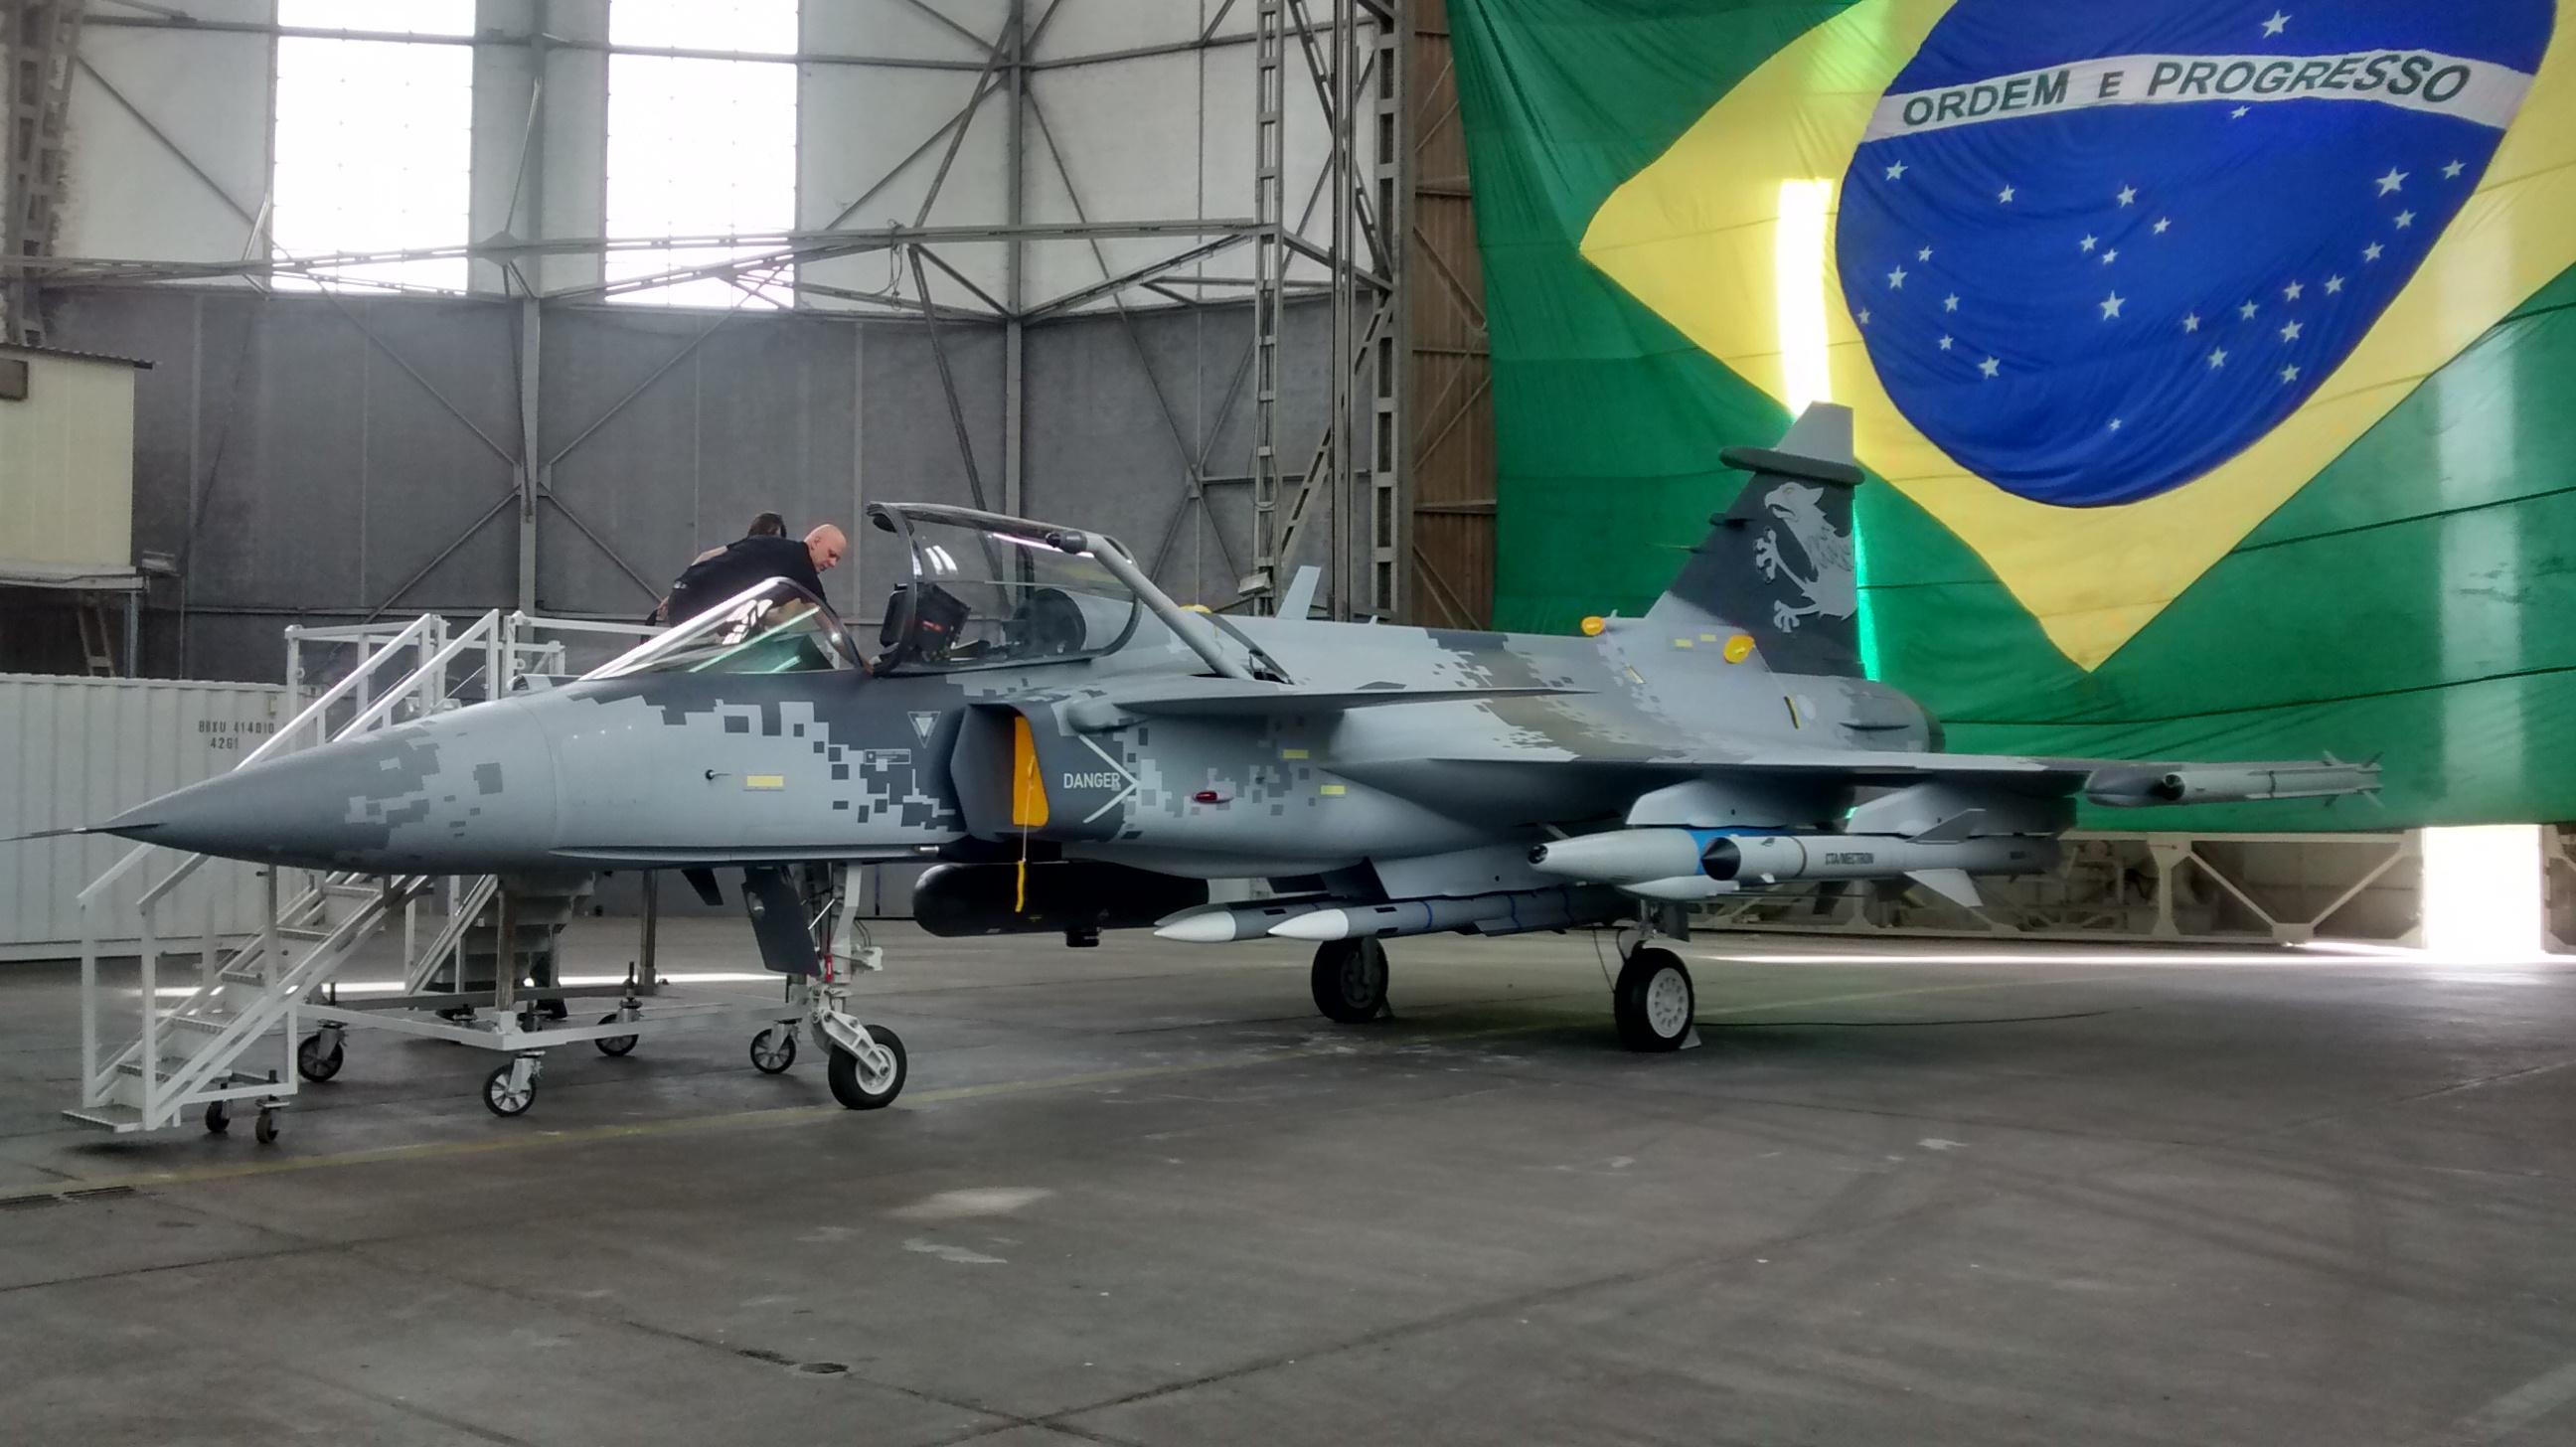 São Bernardo aguarda há quatro anos decisão da SAAB sobre fábrica de caças na cidade